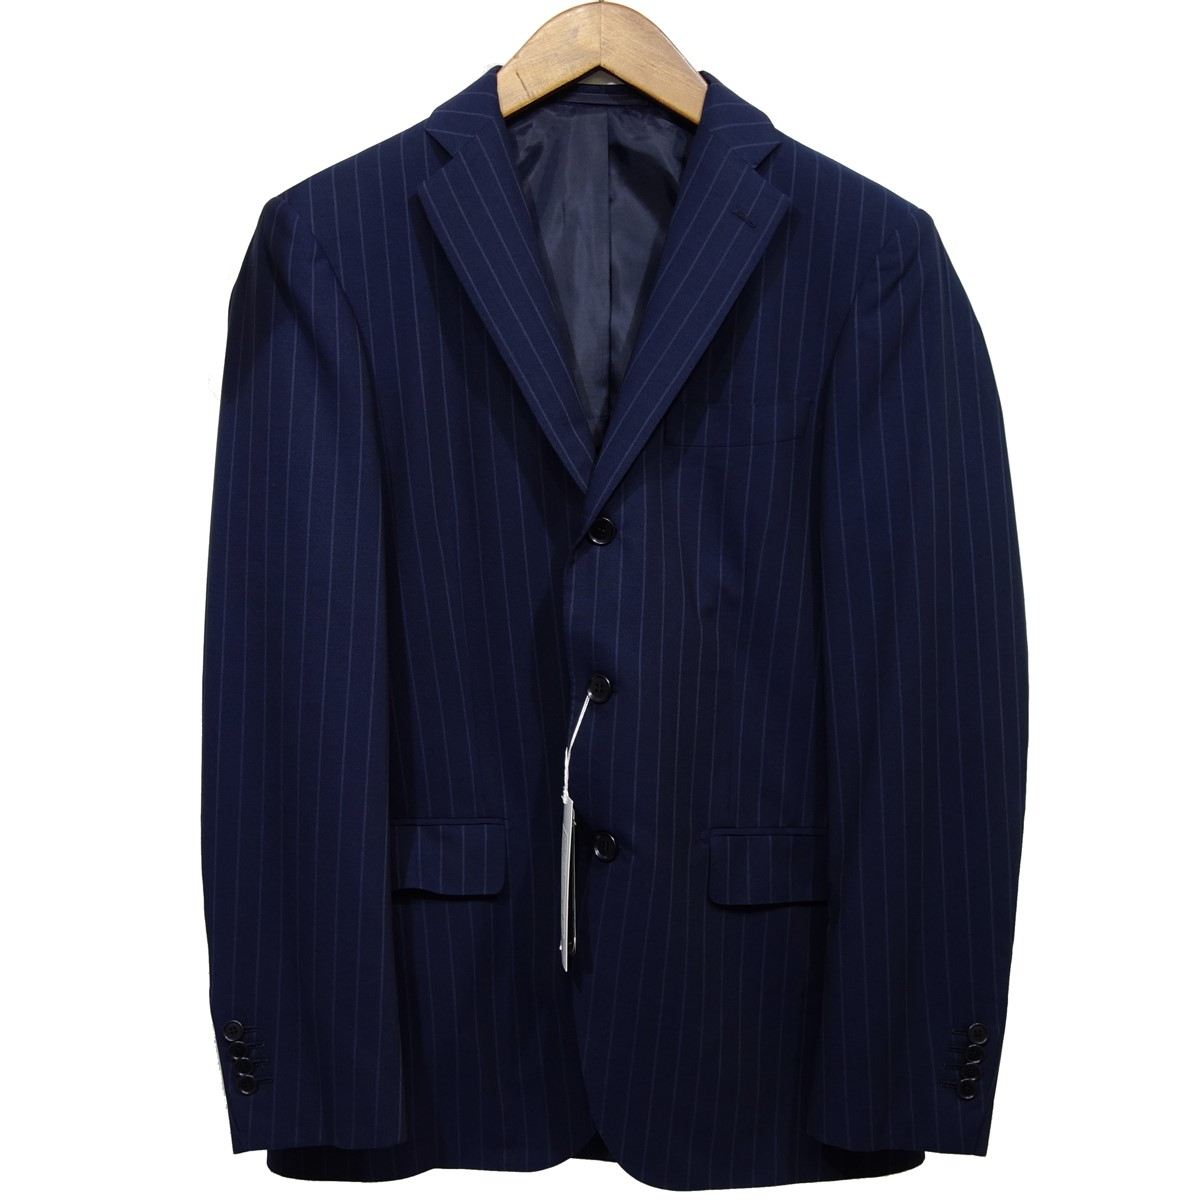 【中古】Ring Jacket ストライプ3Bウールジャケット ネイビー サイズ:44 【090220】(リングジャケット)